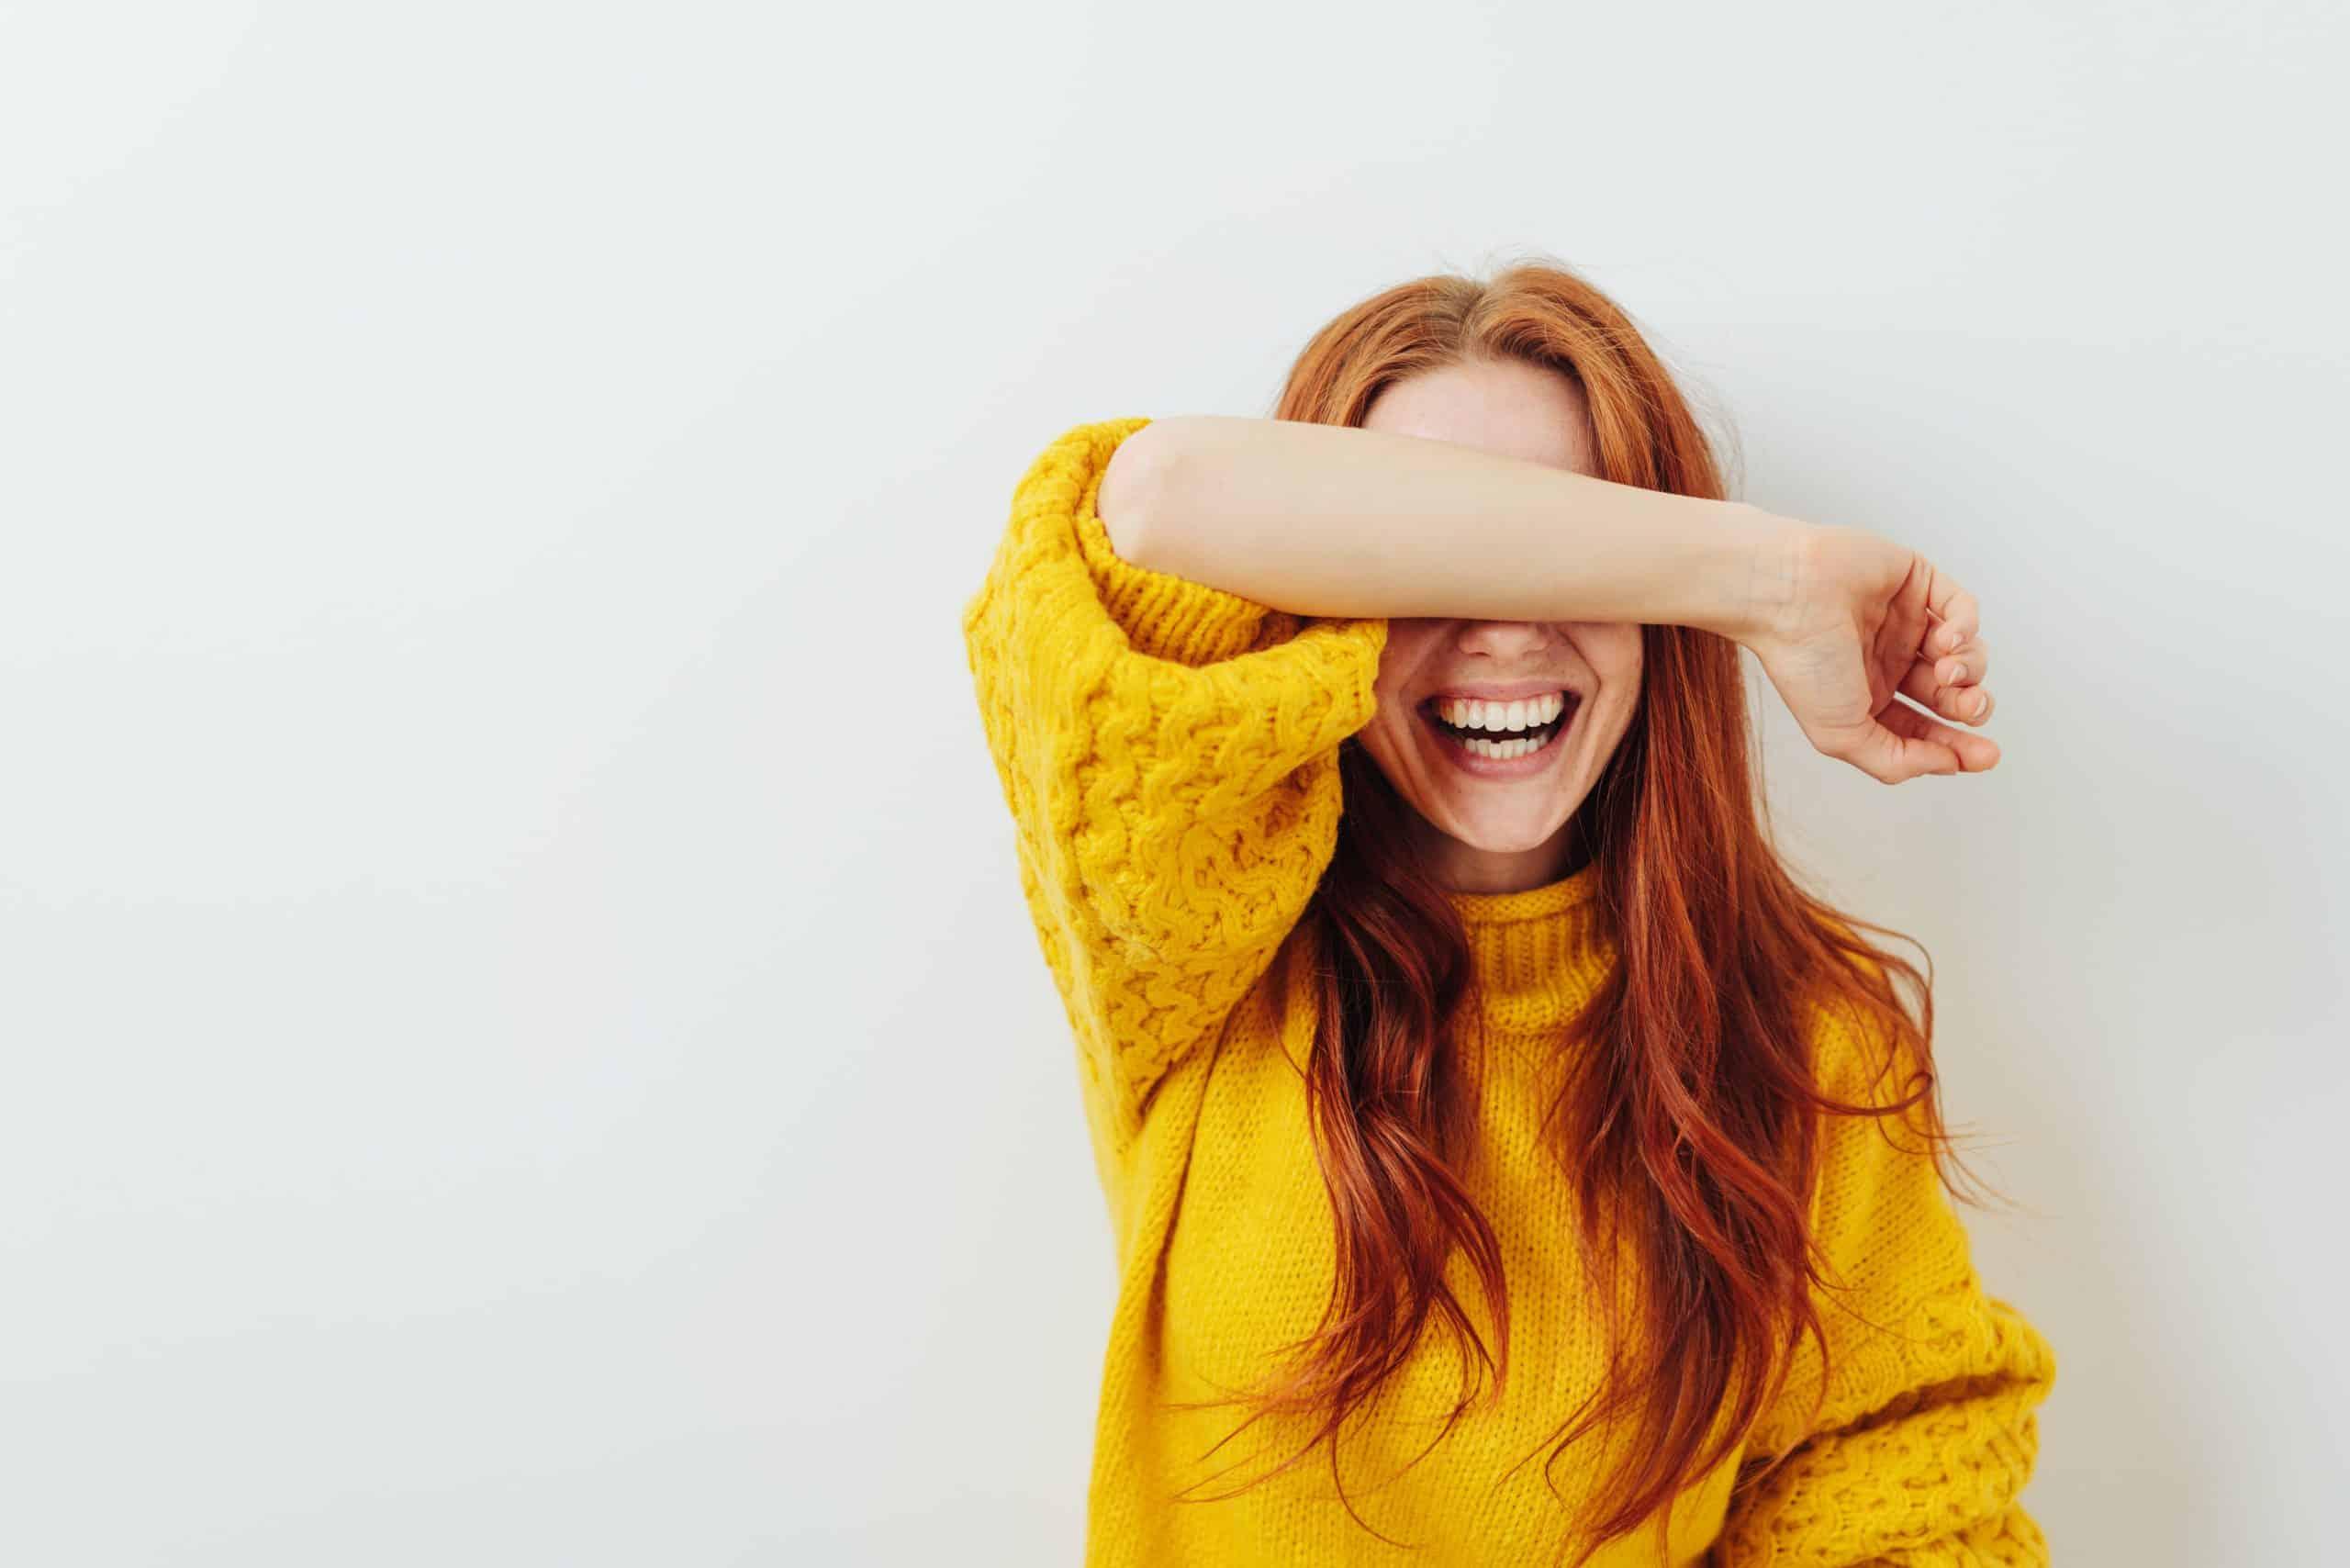 femme timide en haut jaune couvrant ses yeux avec son bras